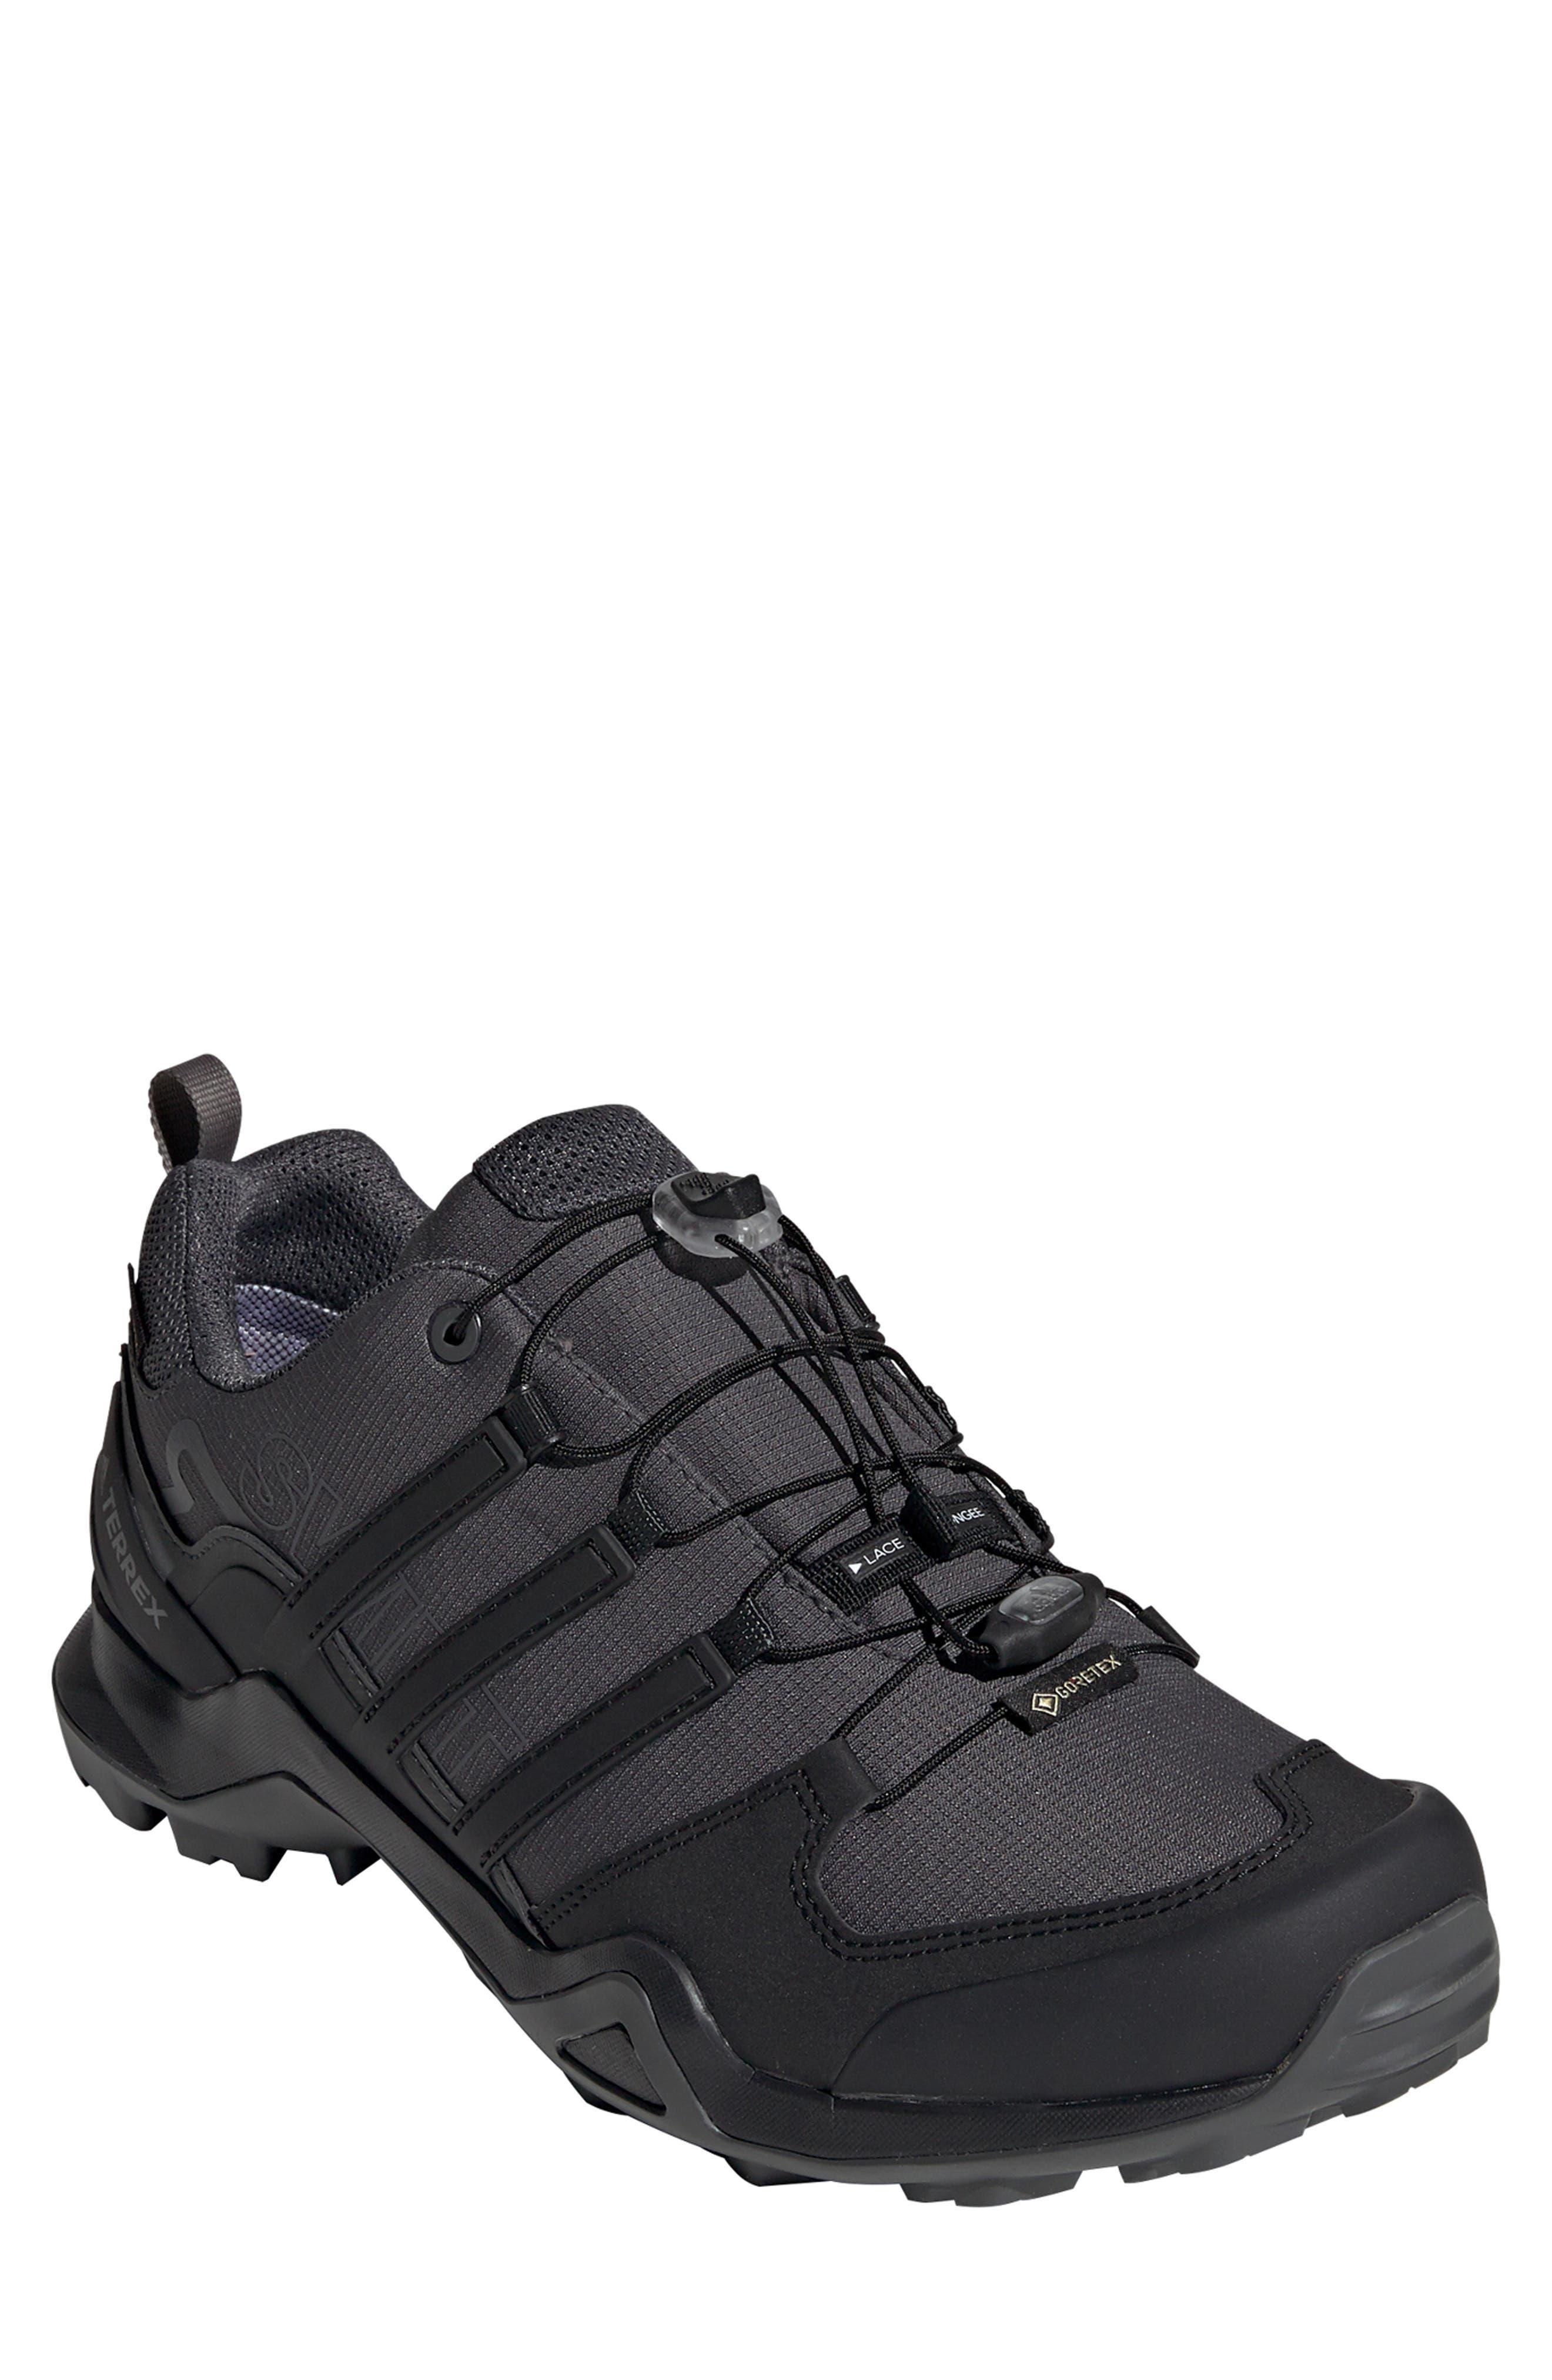 92e0494b1012 Men s Adidas Terrex Swift R2 Gtx Gore-Tex Waterproof Hiking Shoe